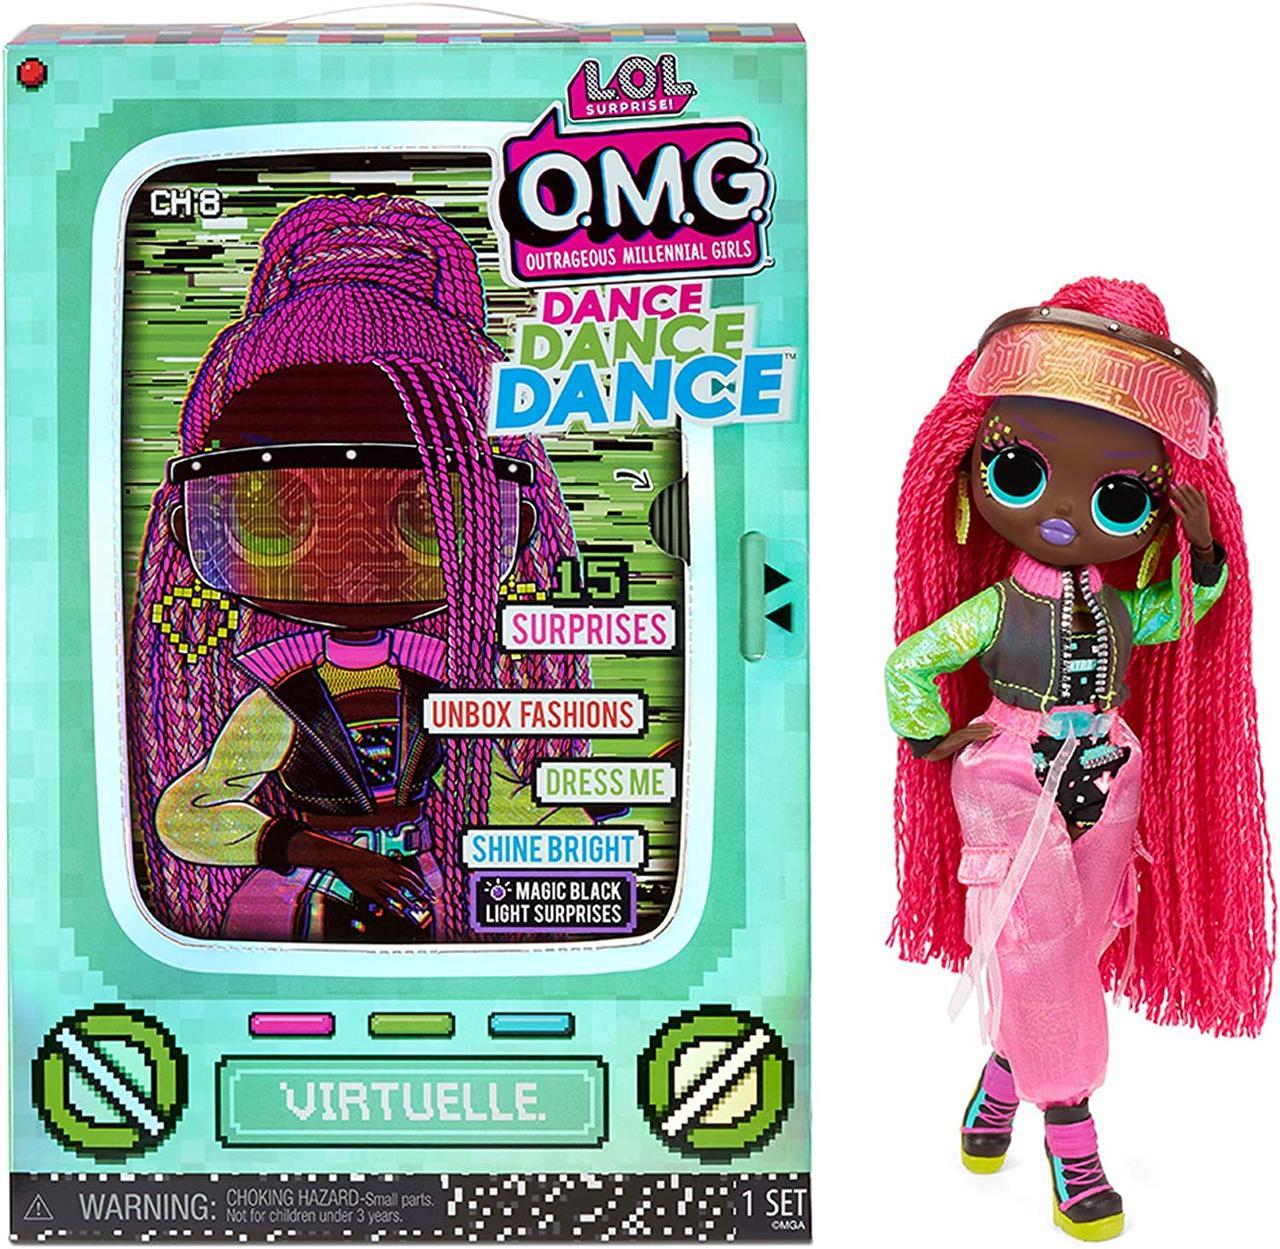 L.O.L. Surprise! O.M.G. Dance Dance Dance Virtuelle Fashion Doll - 15 Surprises (Віртуаль), 6+ (117865)